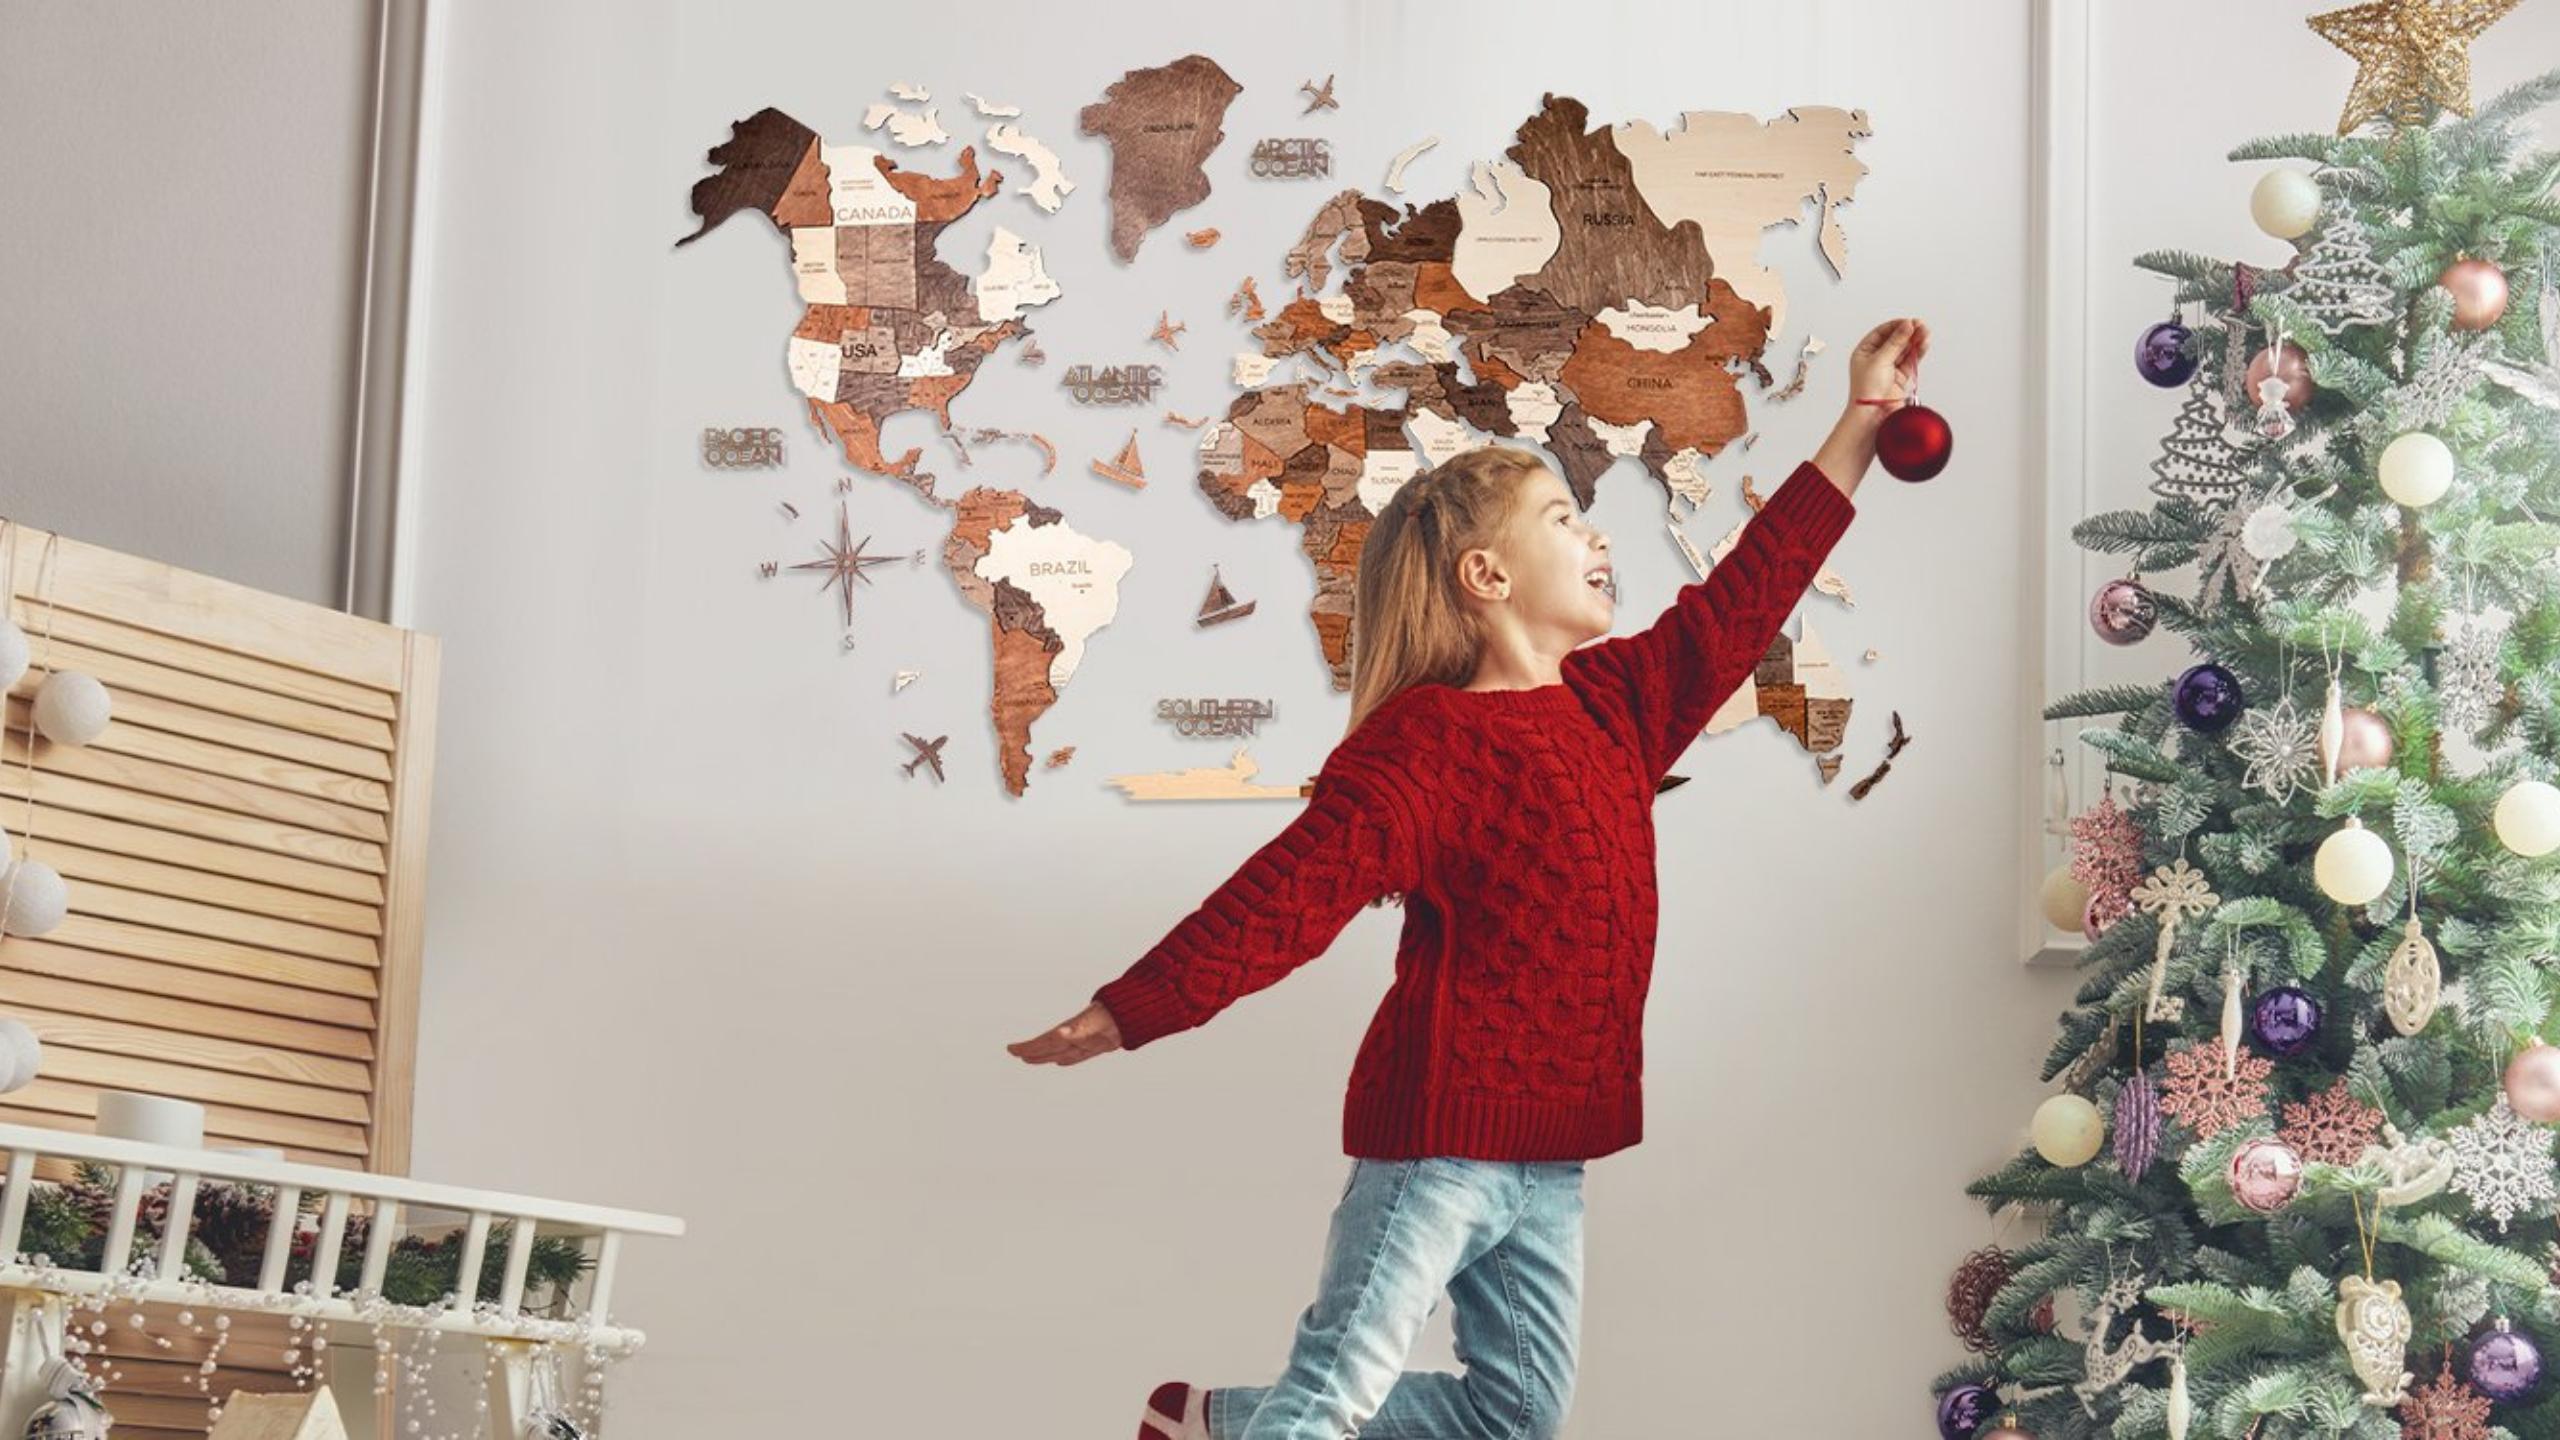 EnjoyTheWood™ Wooden Maps